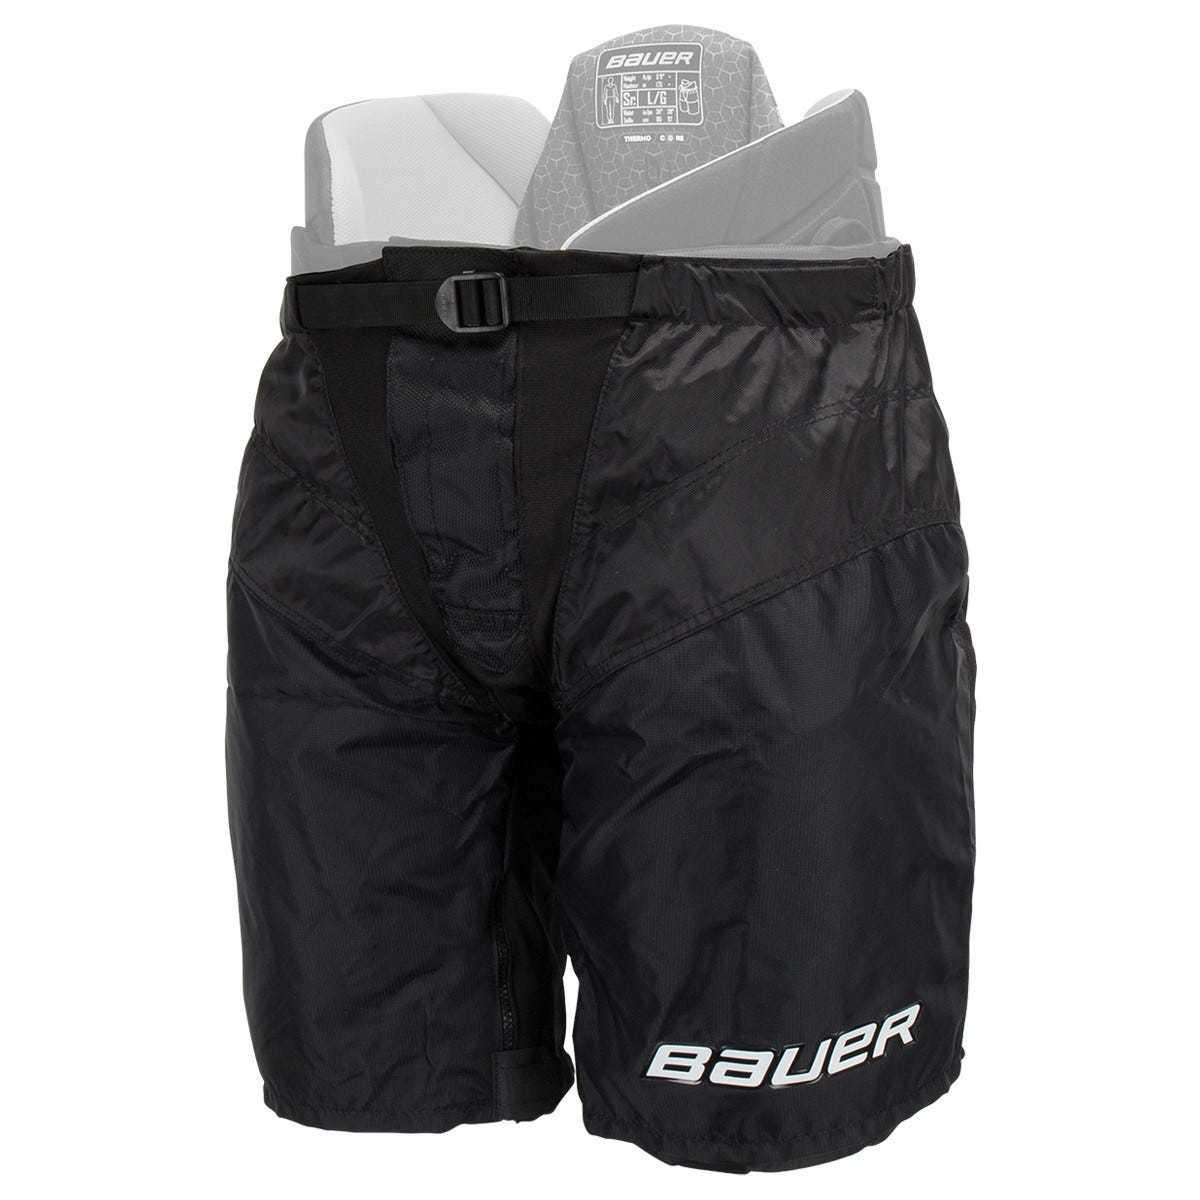 Hokejový návlek Bauer Supreme S19 SR, černá, Senior, L